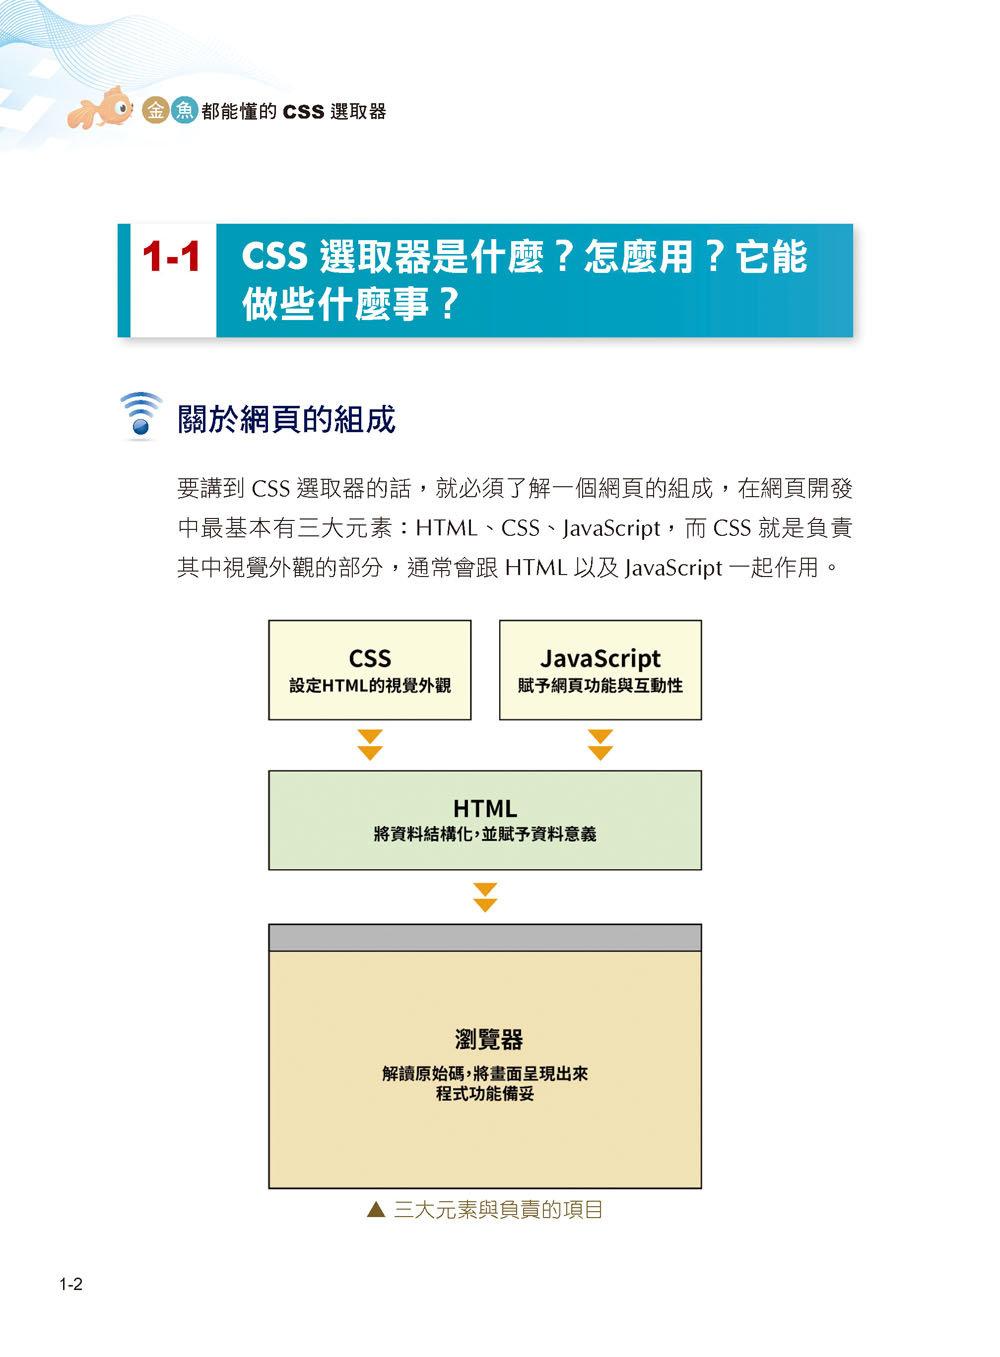 金魚都能懂的 CSS 選取器:金魚都能懂了你還怕學不會嗎(iT邦幫忙鐵人賽系列書)-preview-8